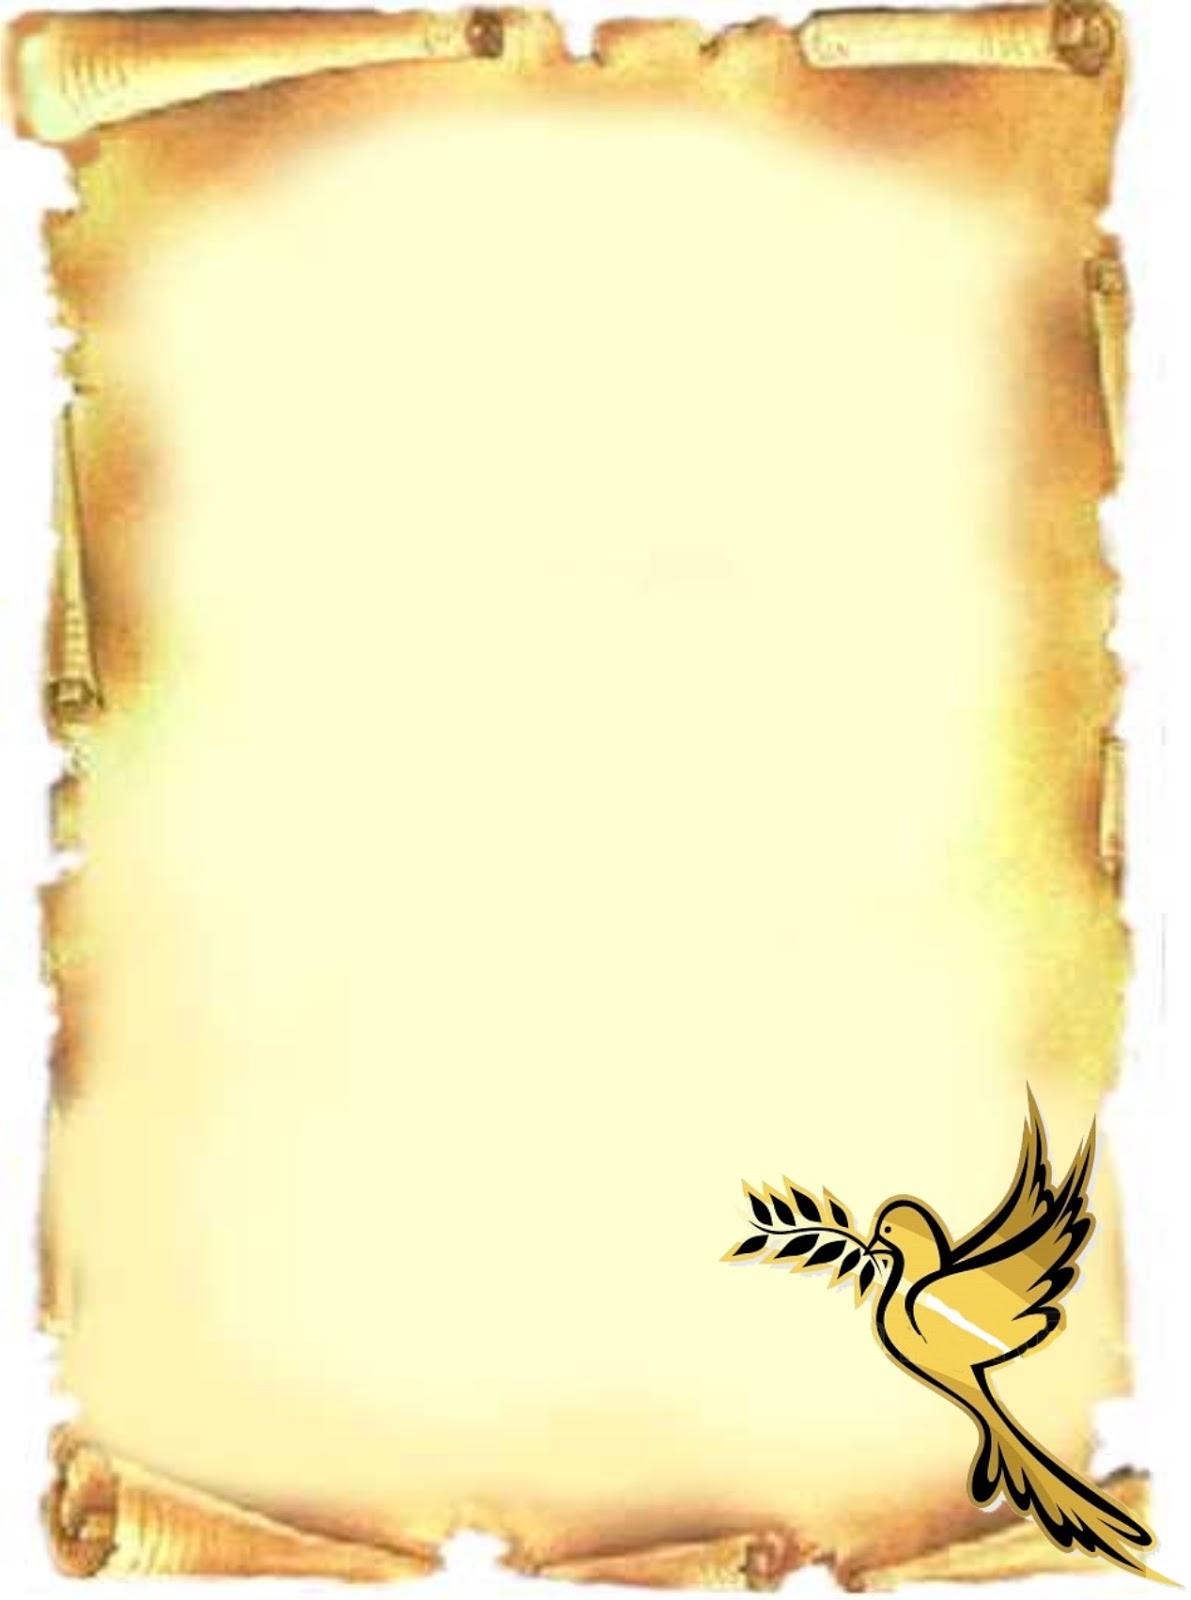 Caratulas en pergaminos - Imagui